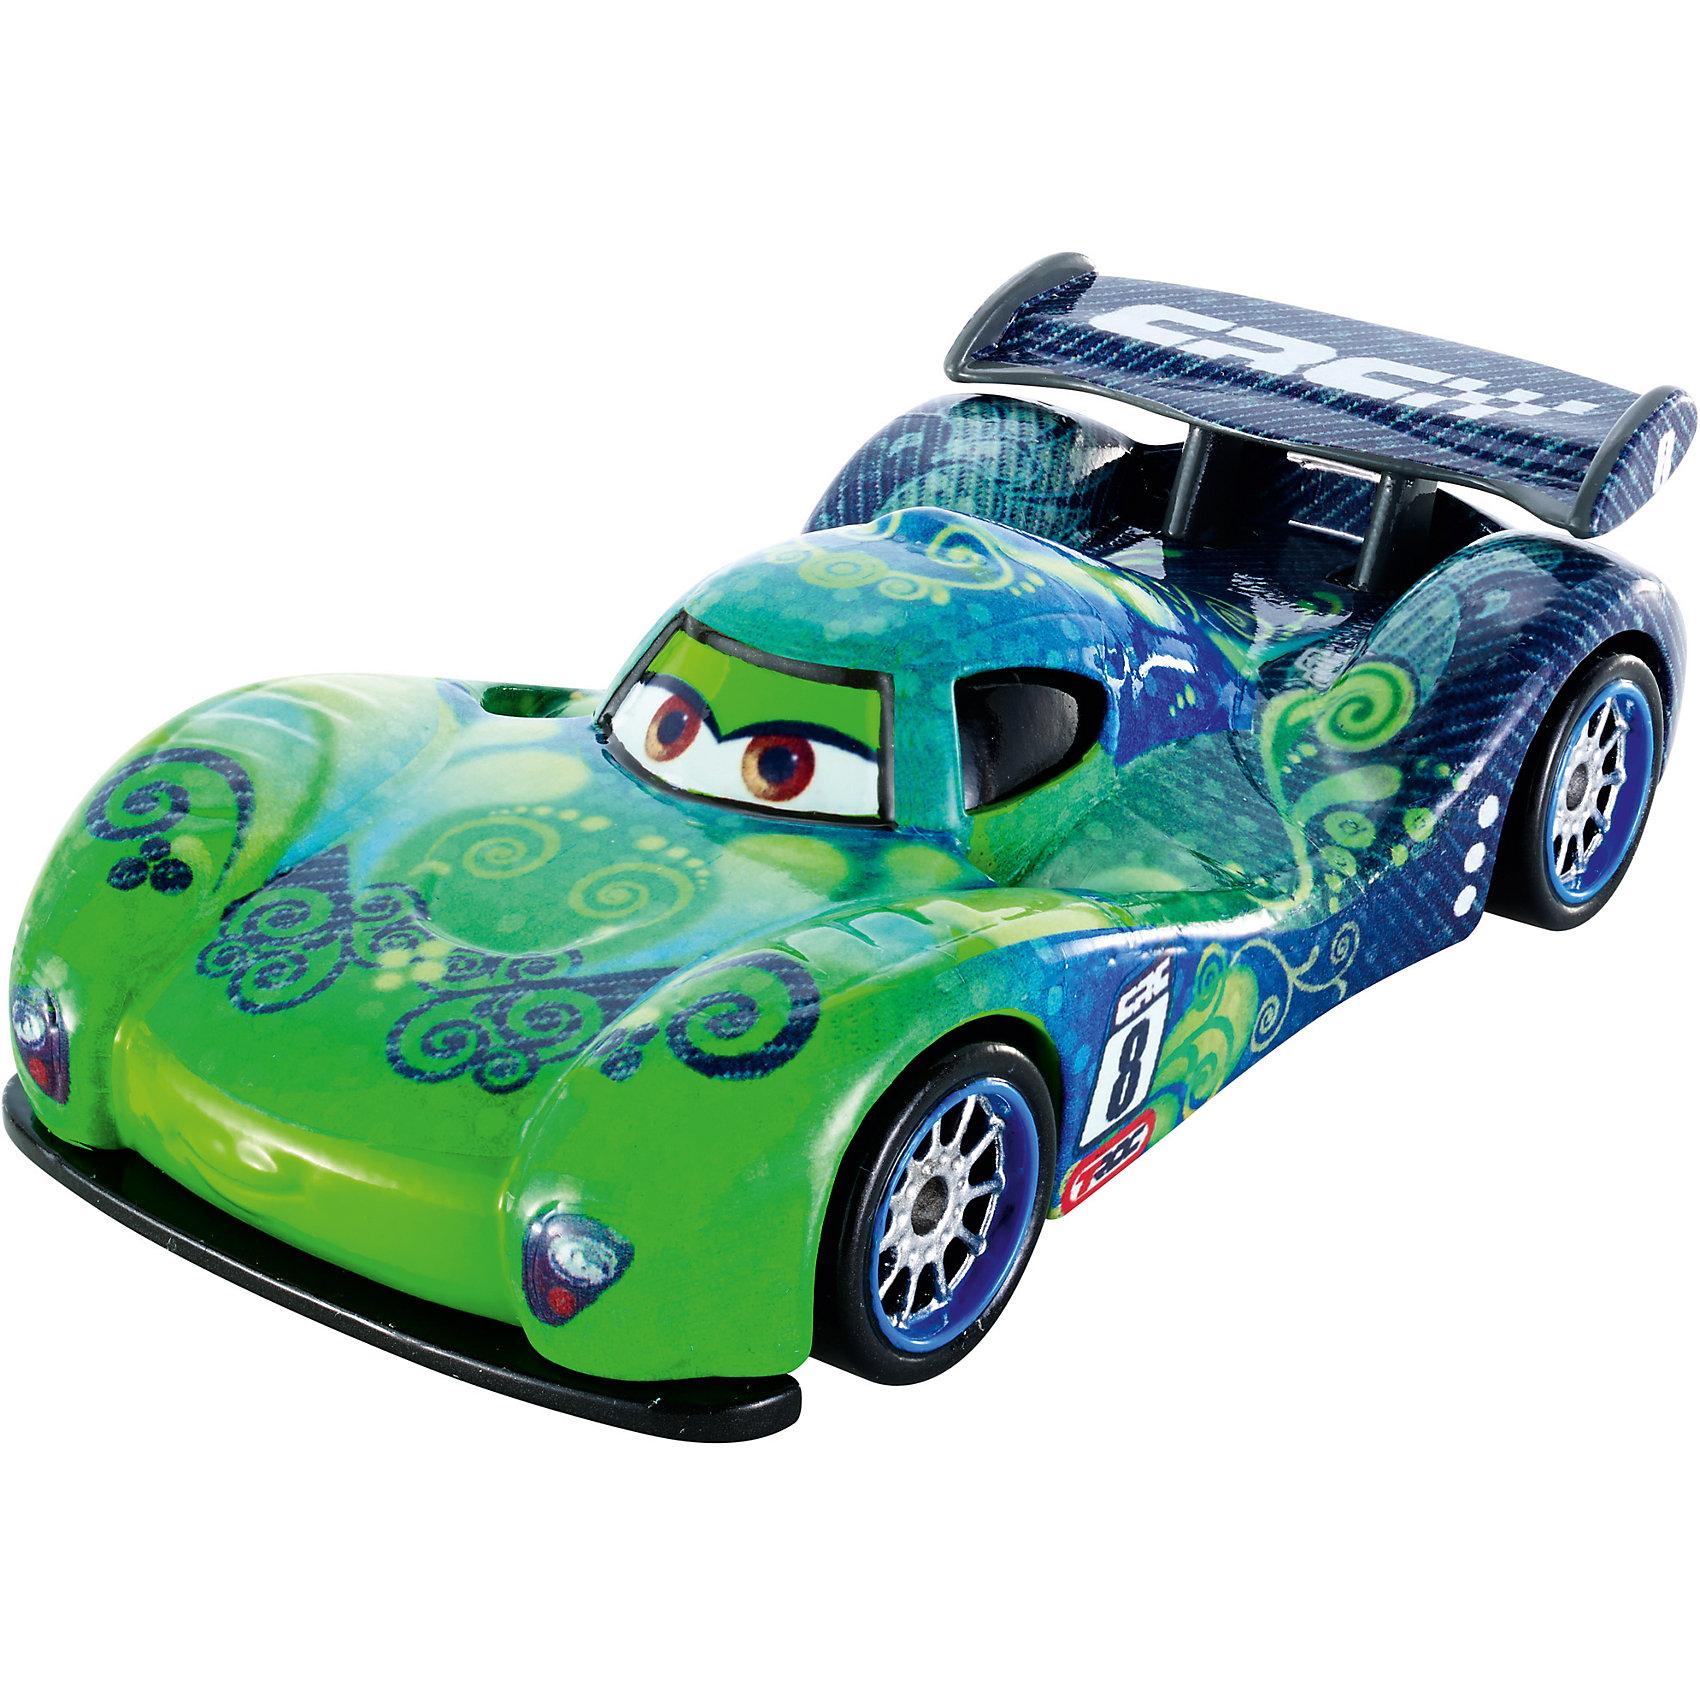 Карбоновый гонщик, ТачкиИгрушечная машинка Тачки: Карбоновый гонщик от Mattel представляет собой гоночный автомобиль, который исполнен по мотивам известного и любимого многими детьми диснеевского мультика Тачки. Эта игрушка станет прекрасным подарком для любого мальчика. Играть с ней можно повсюду. А также будет интересно придумывать свои истории тачек.<br>В товар входит:<br>-машинка<br><br>Дополнительная информация:<br>-Цвет: синий,зелёный<br>-Возраст: от 3 лет<br>-Для мальчиков<br>-Материал: металл,пластик<br>-Упаковка: блистер на картоне<br>-Бренд: Mattel<br><br>Ширина мм: 45<br>Глубина мм: 140<br>Высота мм: 165<br>Вес г: 83<br>Возраст от месяцев: 36<br>Возраст до месяцев: 120<br>Пол: Мужской<br>Возраст: Детский<br>SKU: 4973455